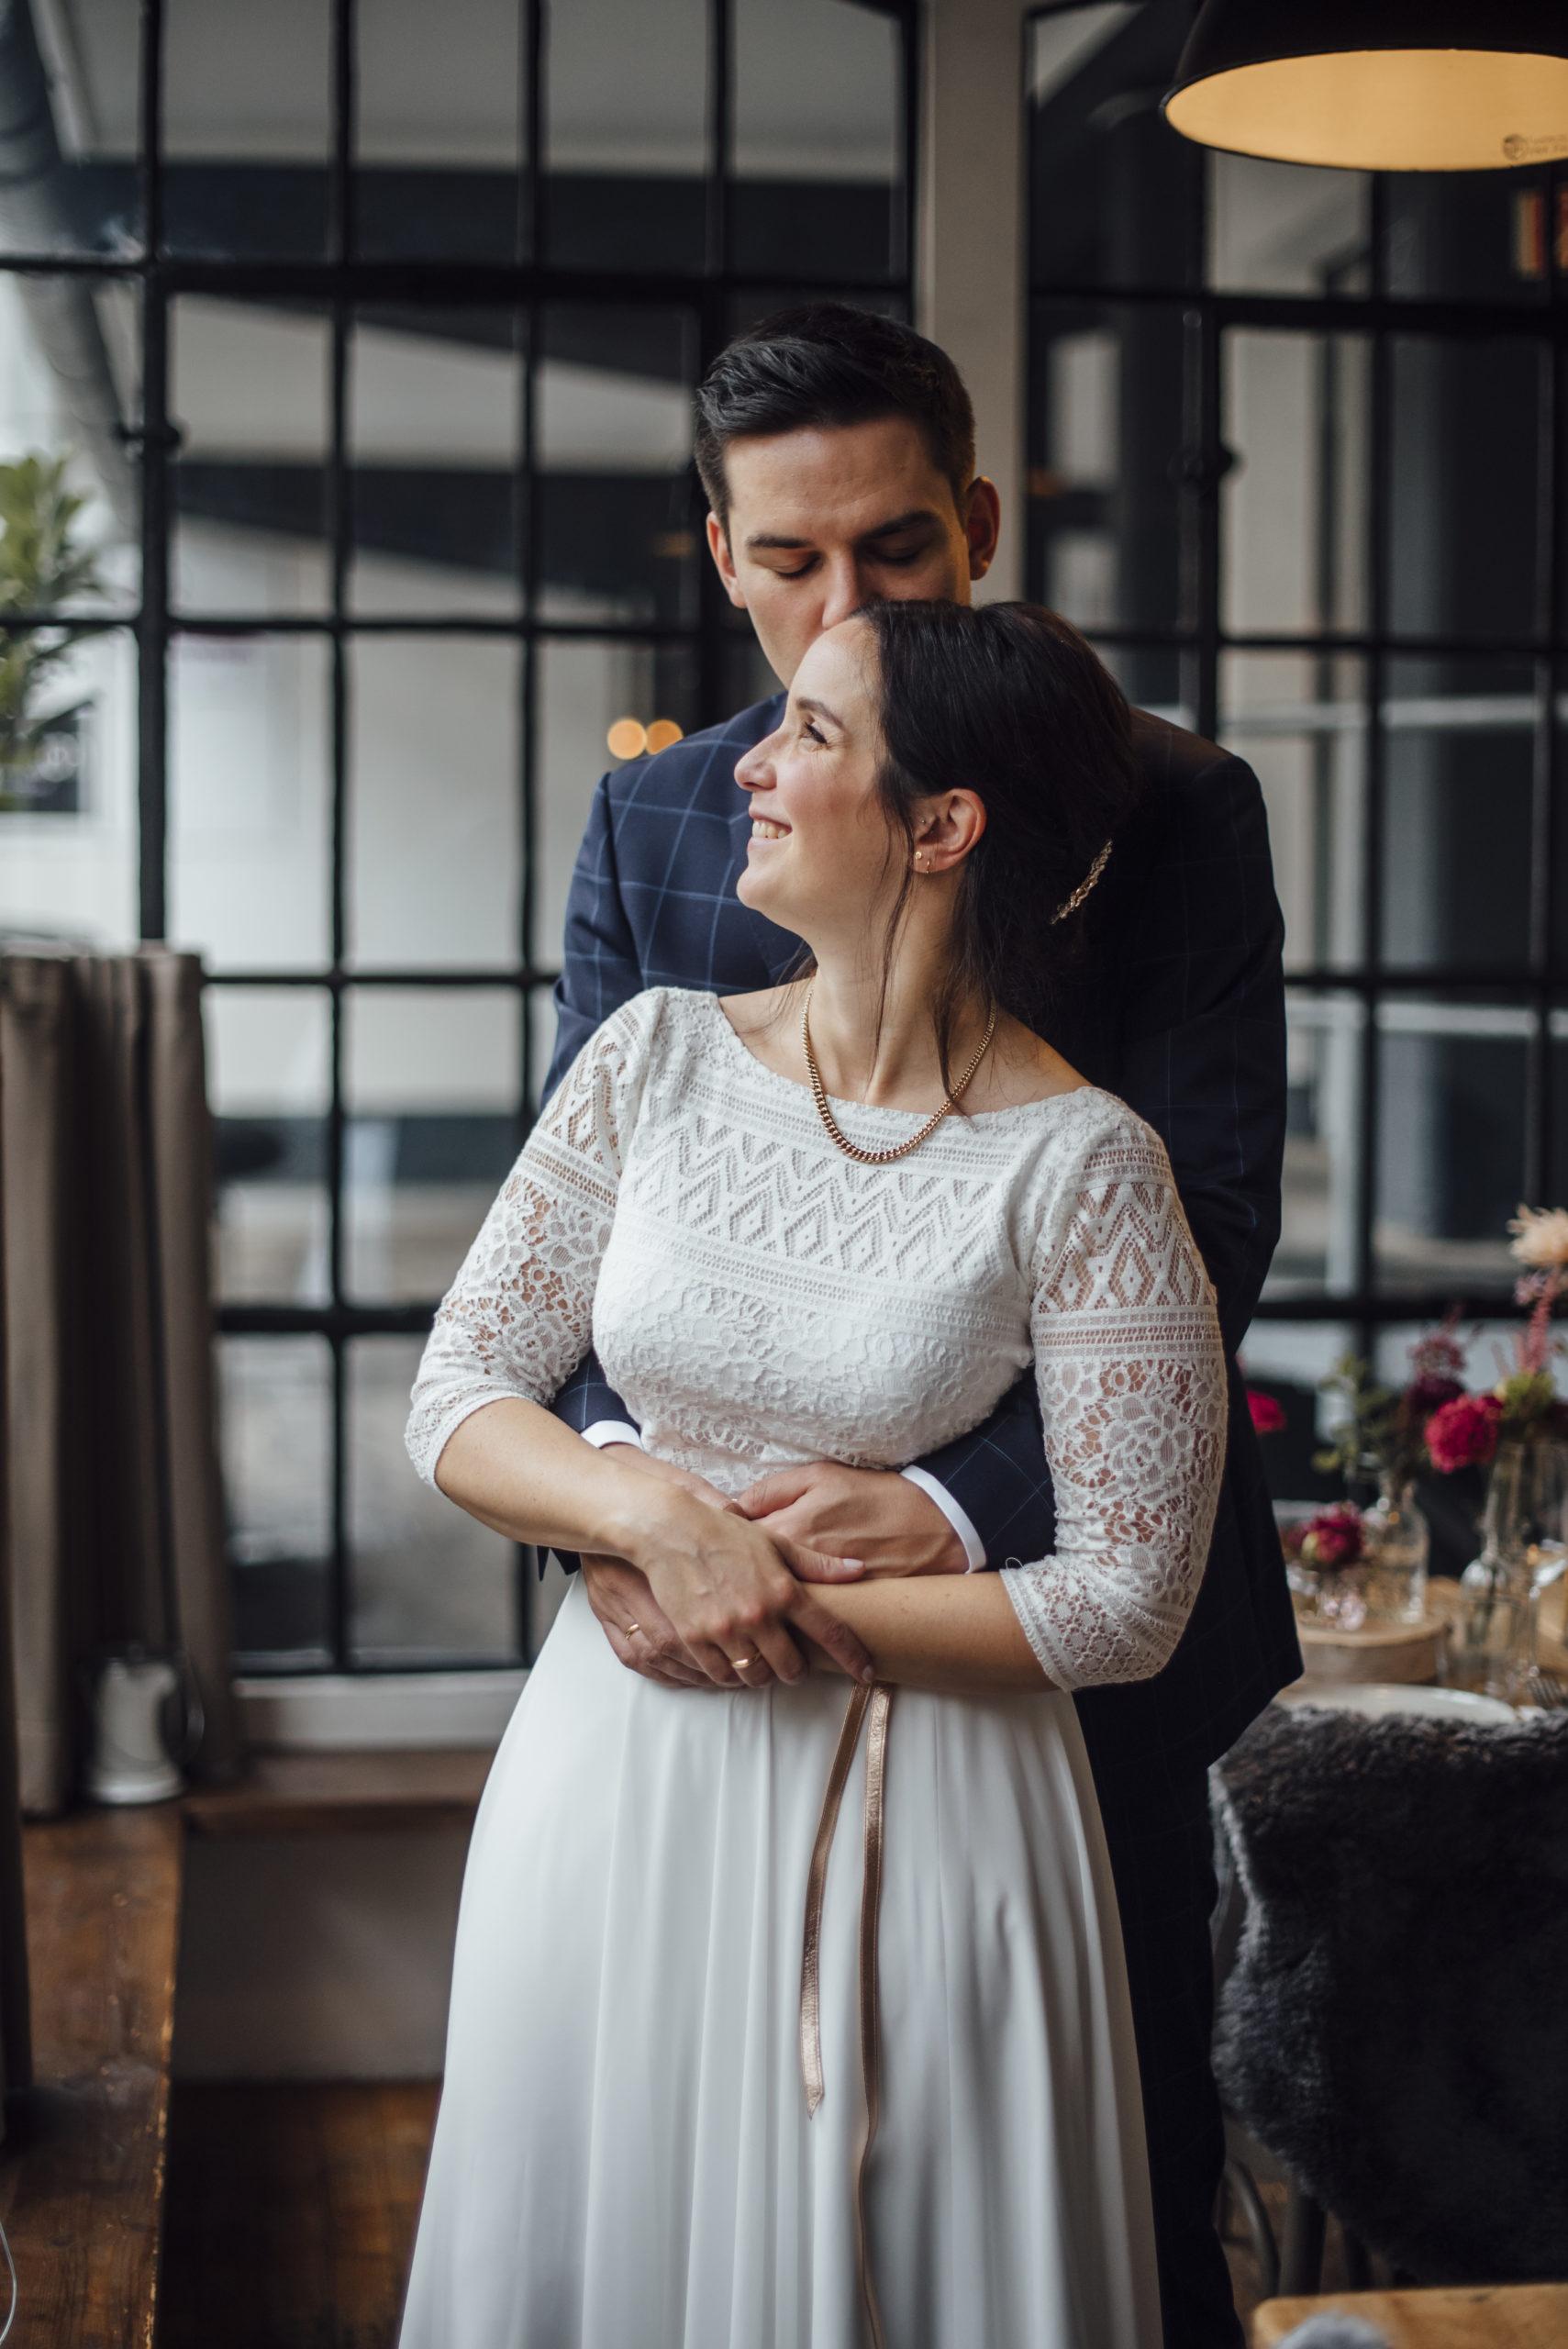 Brautpaar lachend, Braut in weißem Brautkleid-Zweiteiler und Gürtel in Roségold-Metallic, Bräutigam mit blau-kariertem Anzug und Fliege